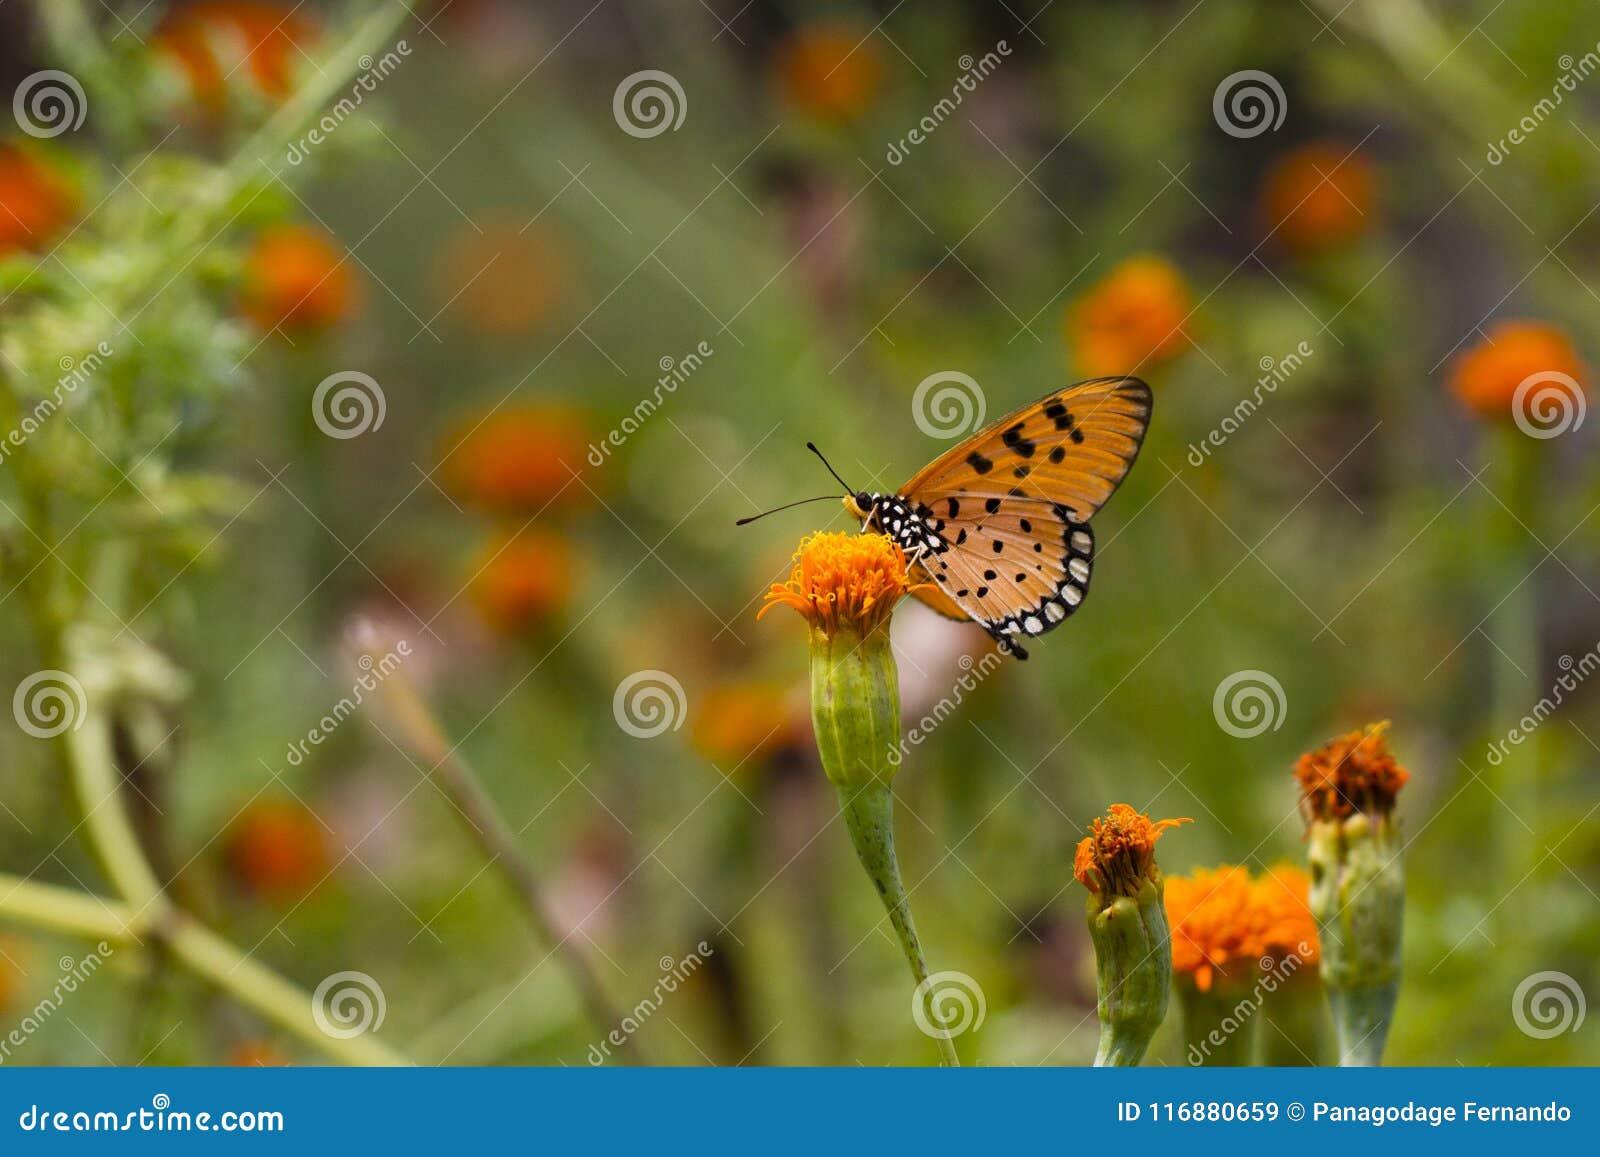 Καστανόξανθη πεταλούδα Coster - Acraea terpsicore